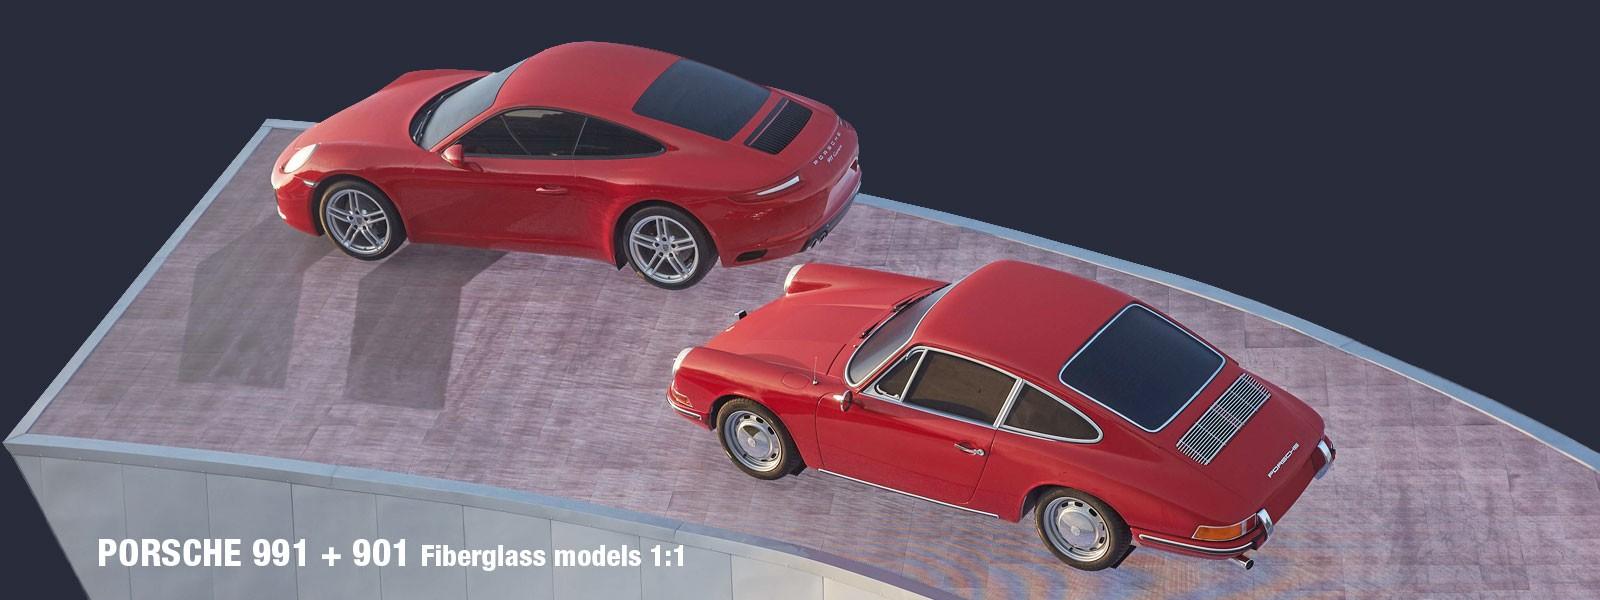 Porsche 991 and 911